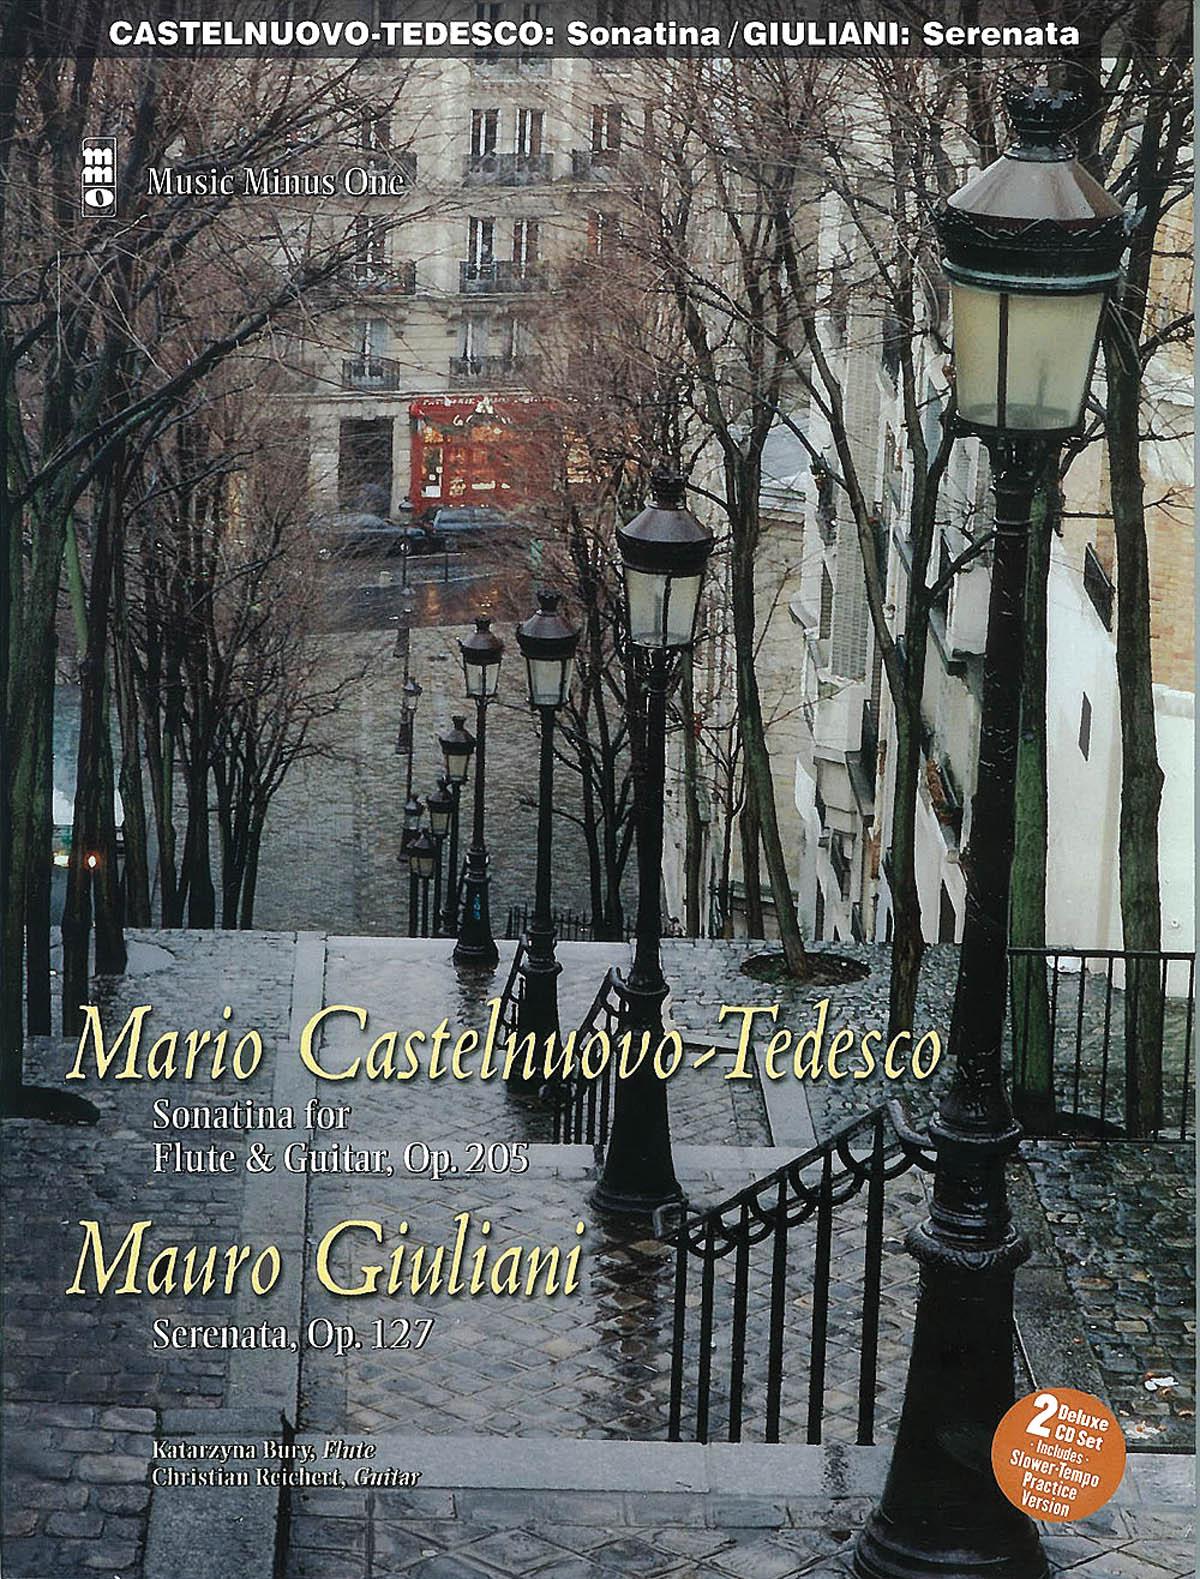 Mario Castelnuovo-Tedesco Mauro Giulini: Sonatina and Serenata Op. 127: Flute and Guitar